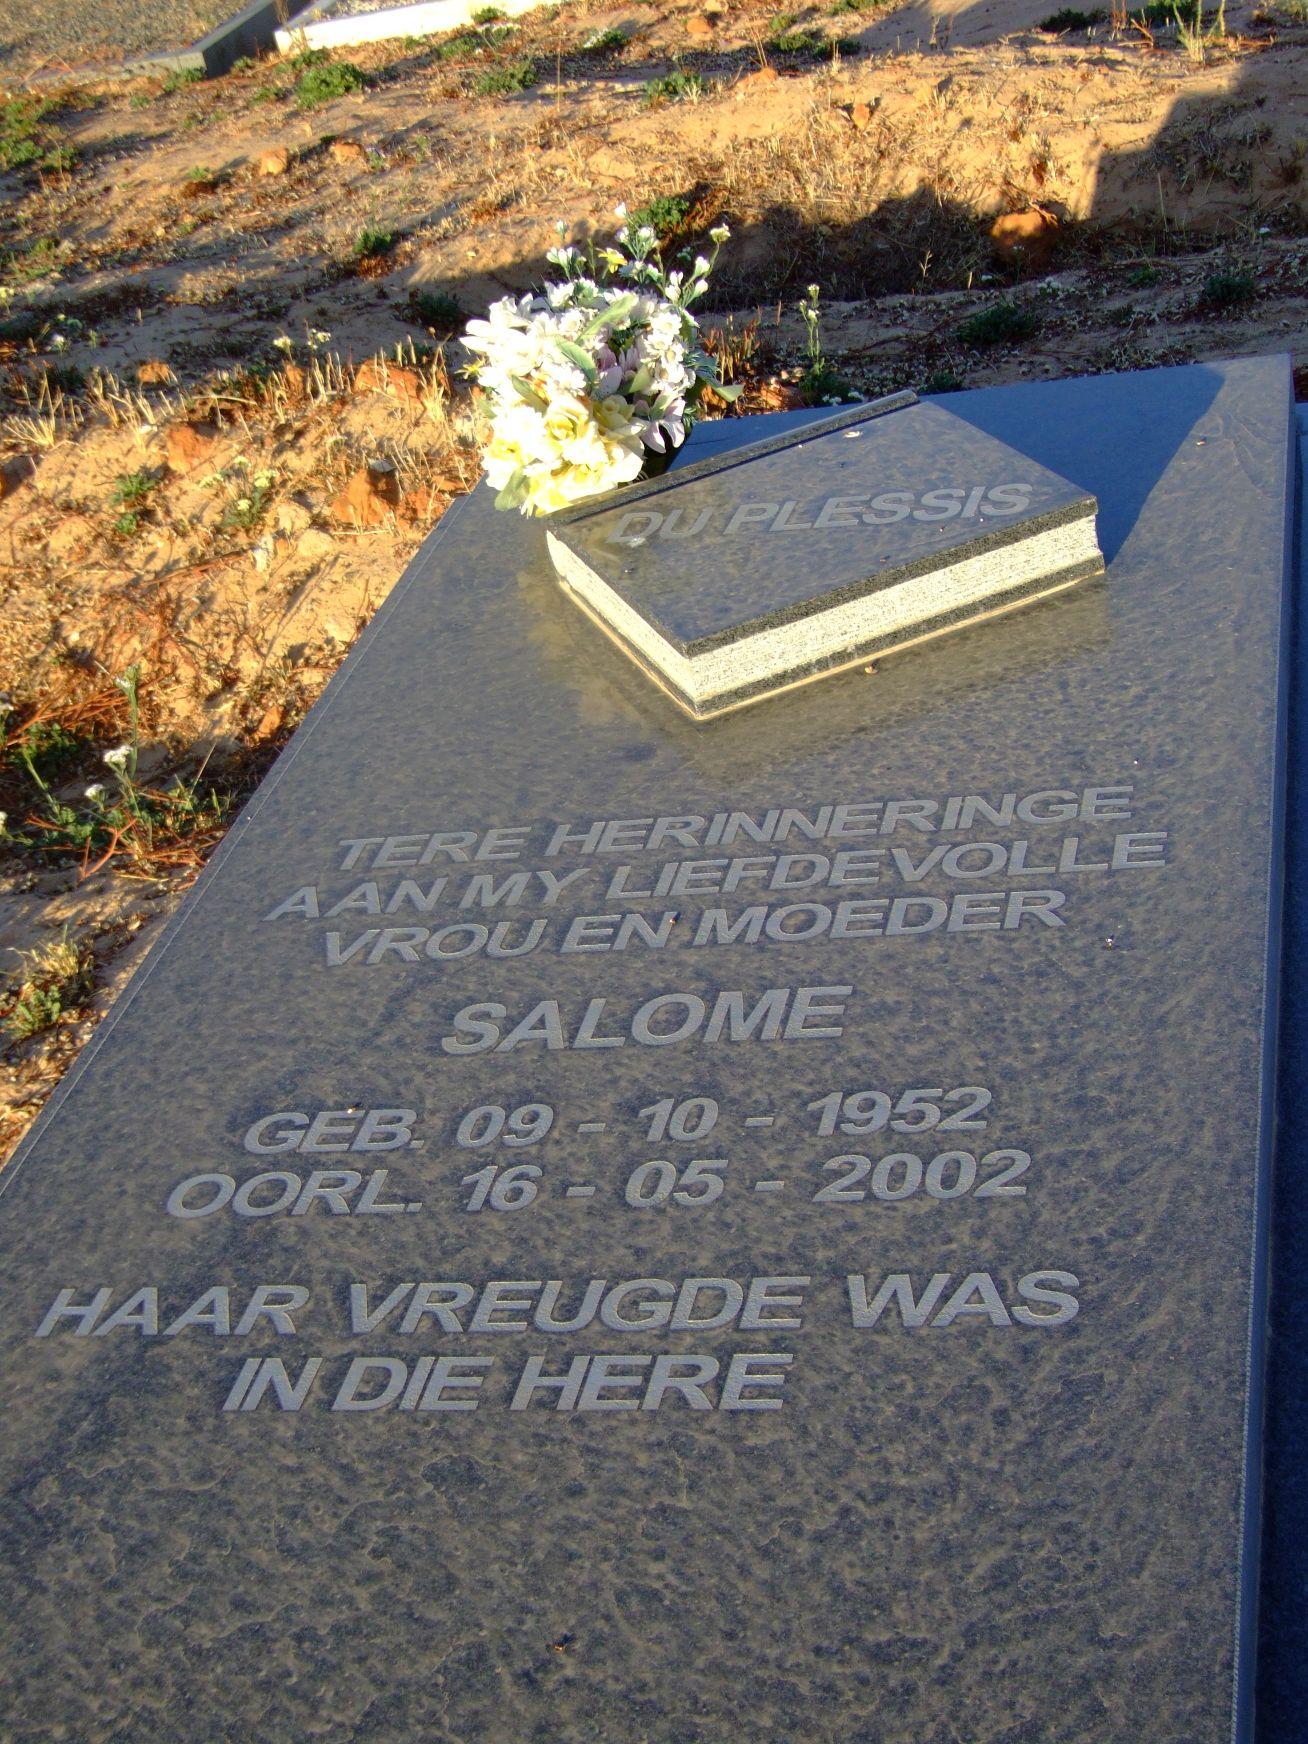 Du Plessis, Salome